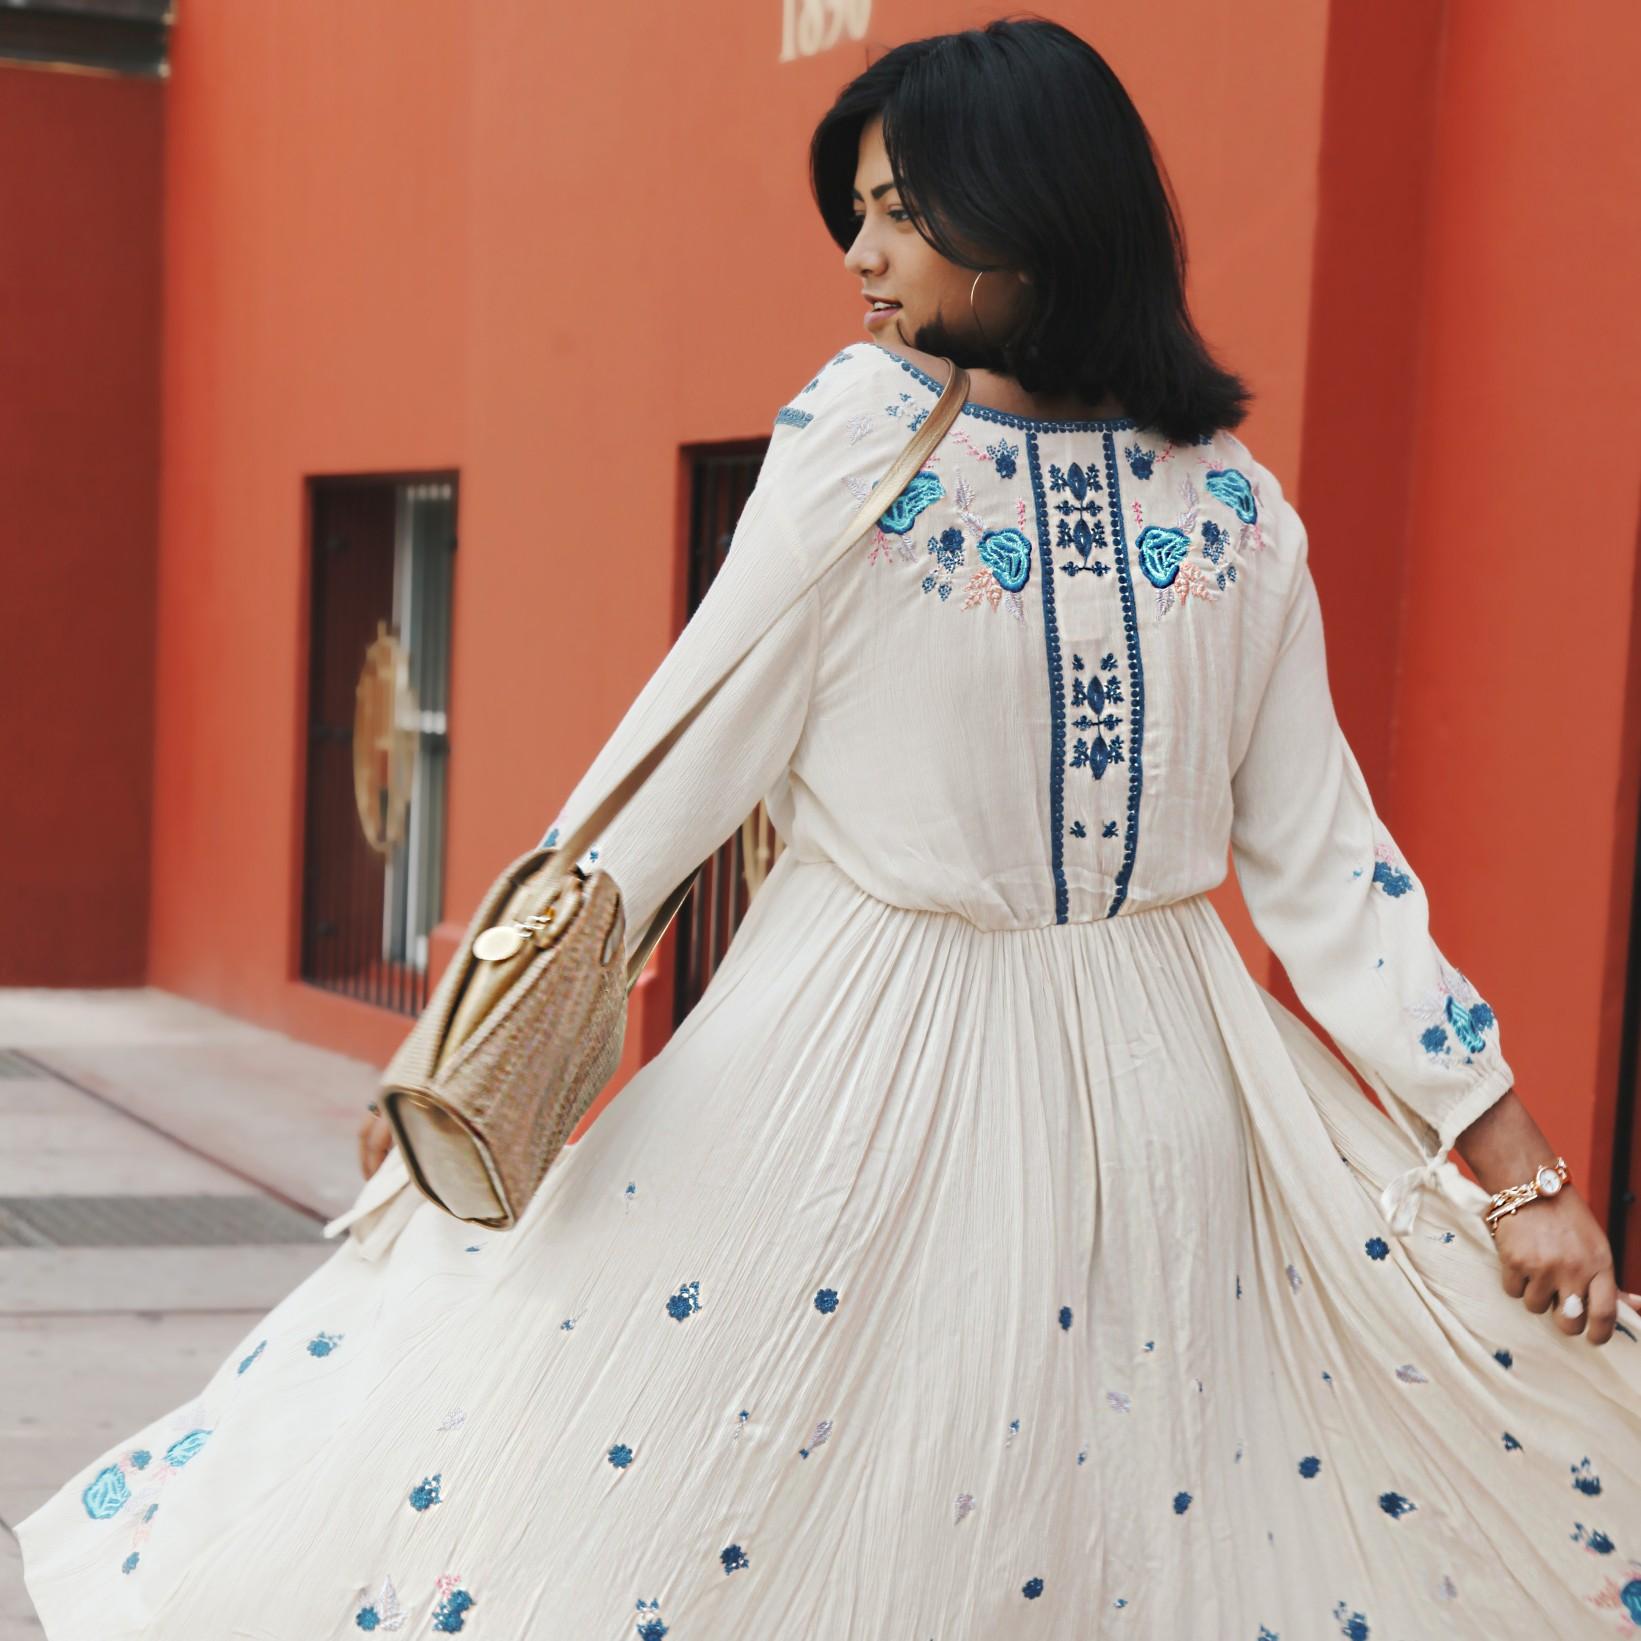 Boho Free People Fashion Style Miami